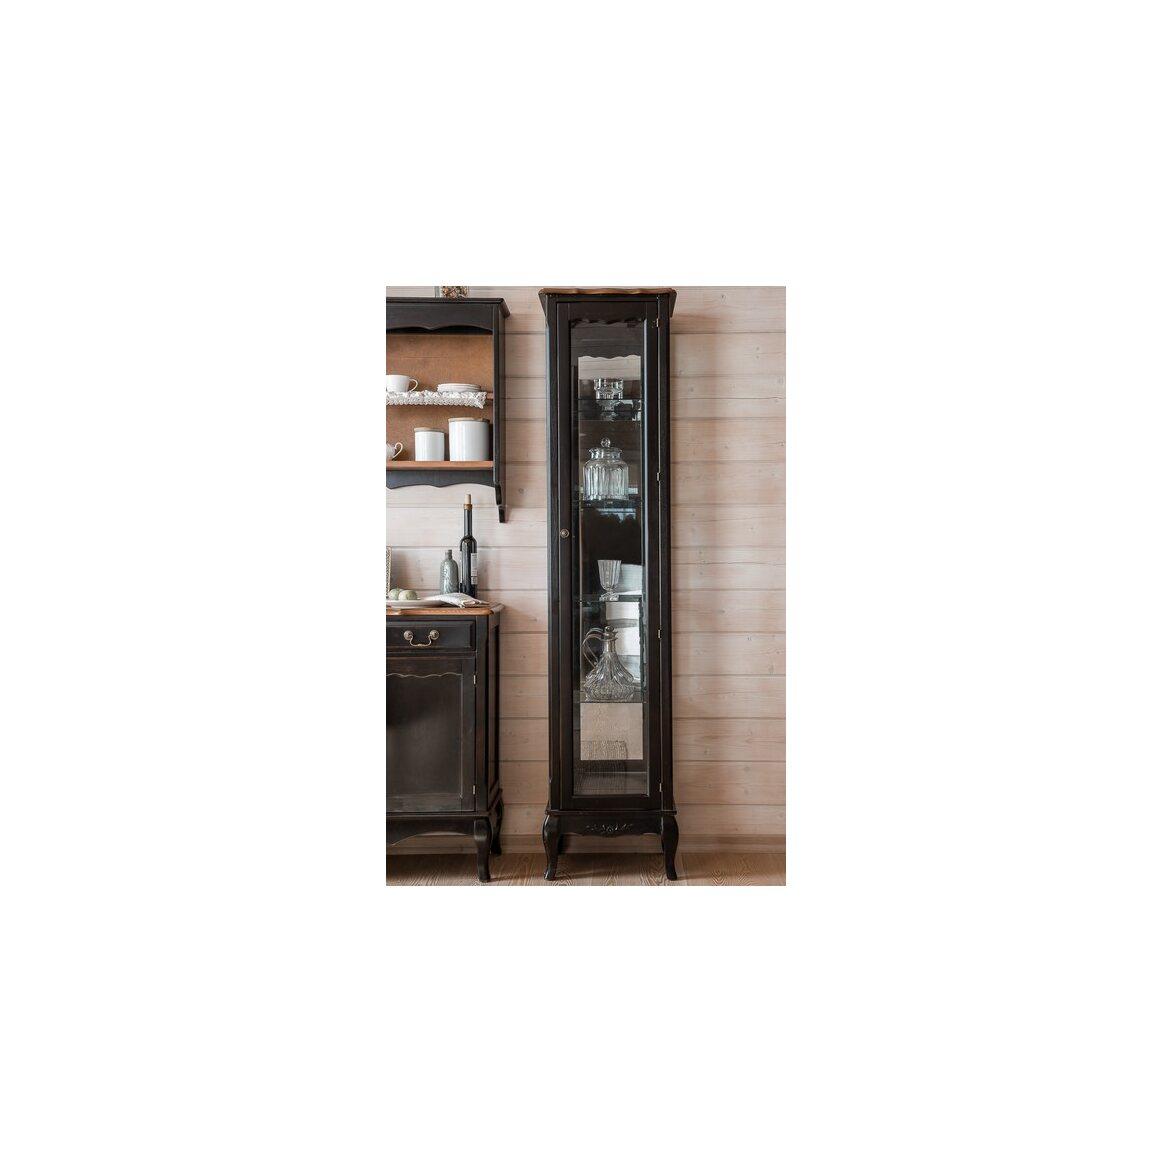 Стеклянная витрина на 4 полки (высокая) Leontina, черного цвета 4 | Витрины Kingsby